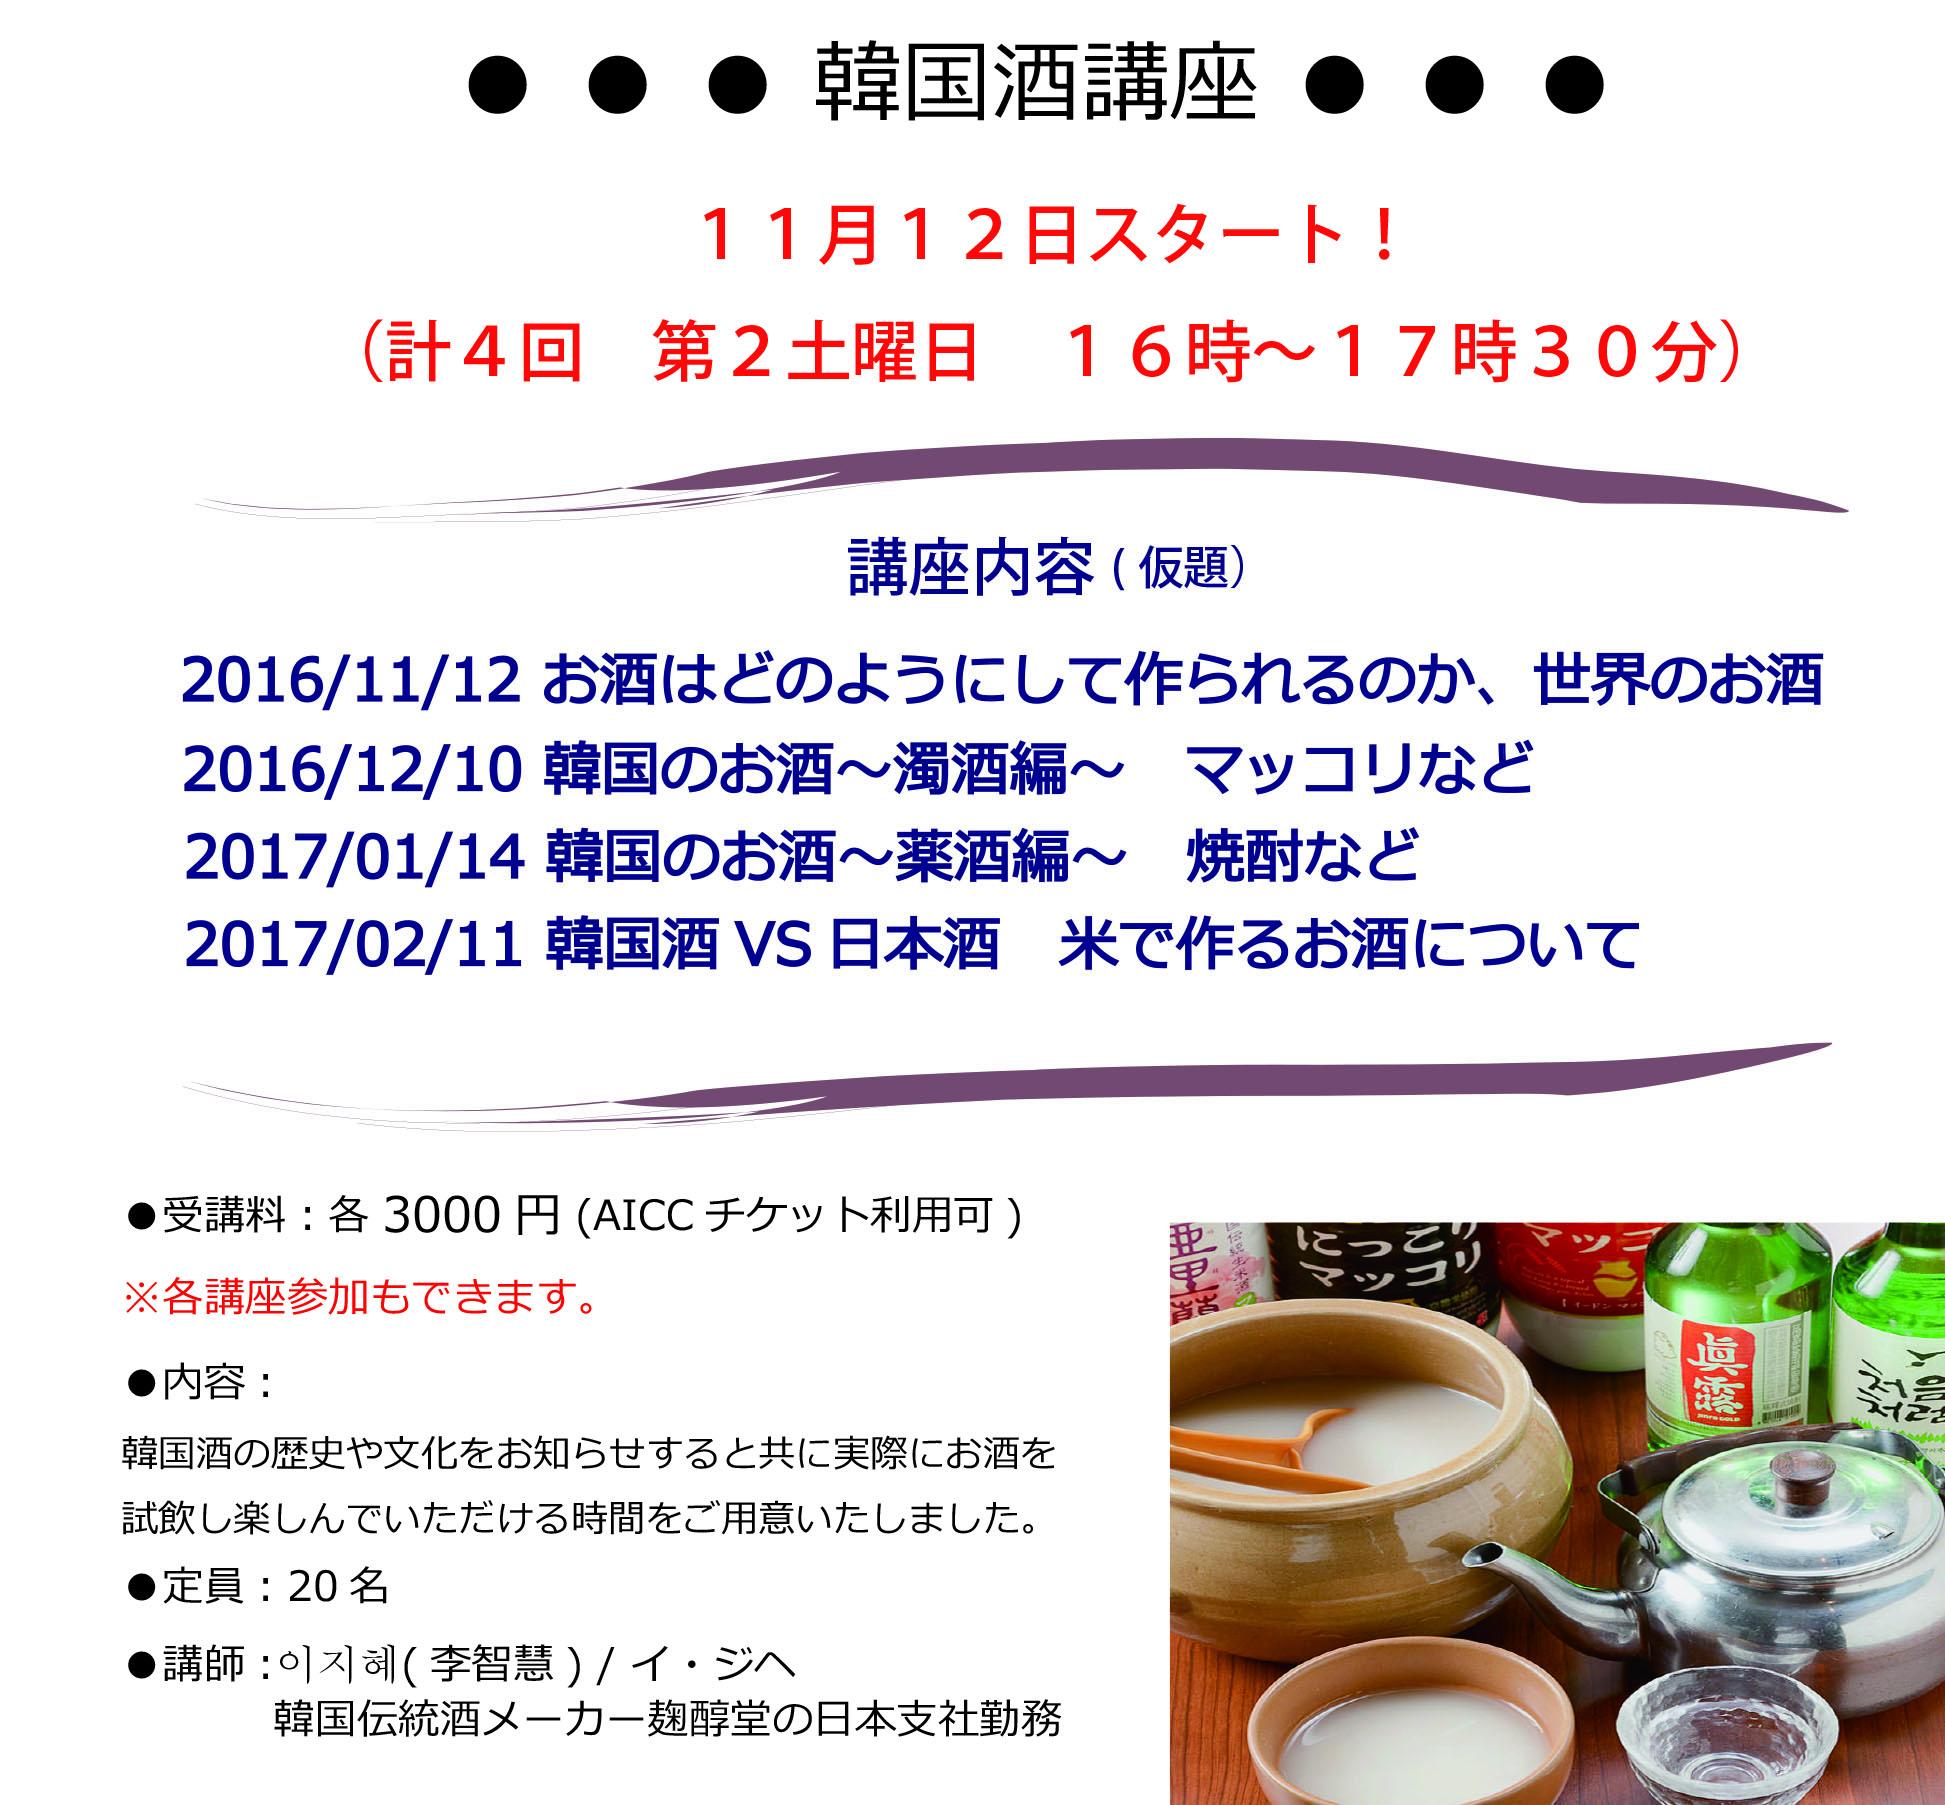 11月12日、韓国酒講座が始まります!!